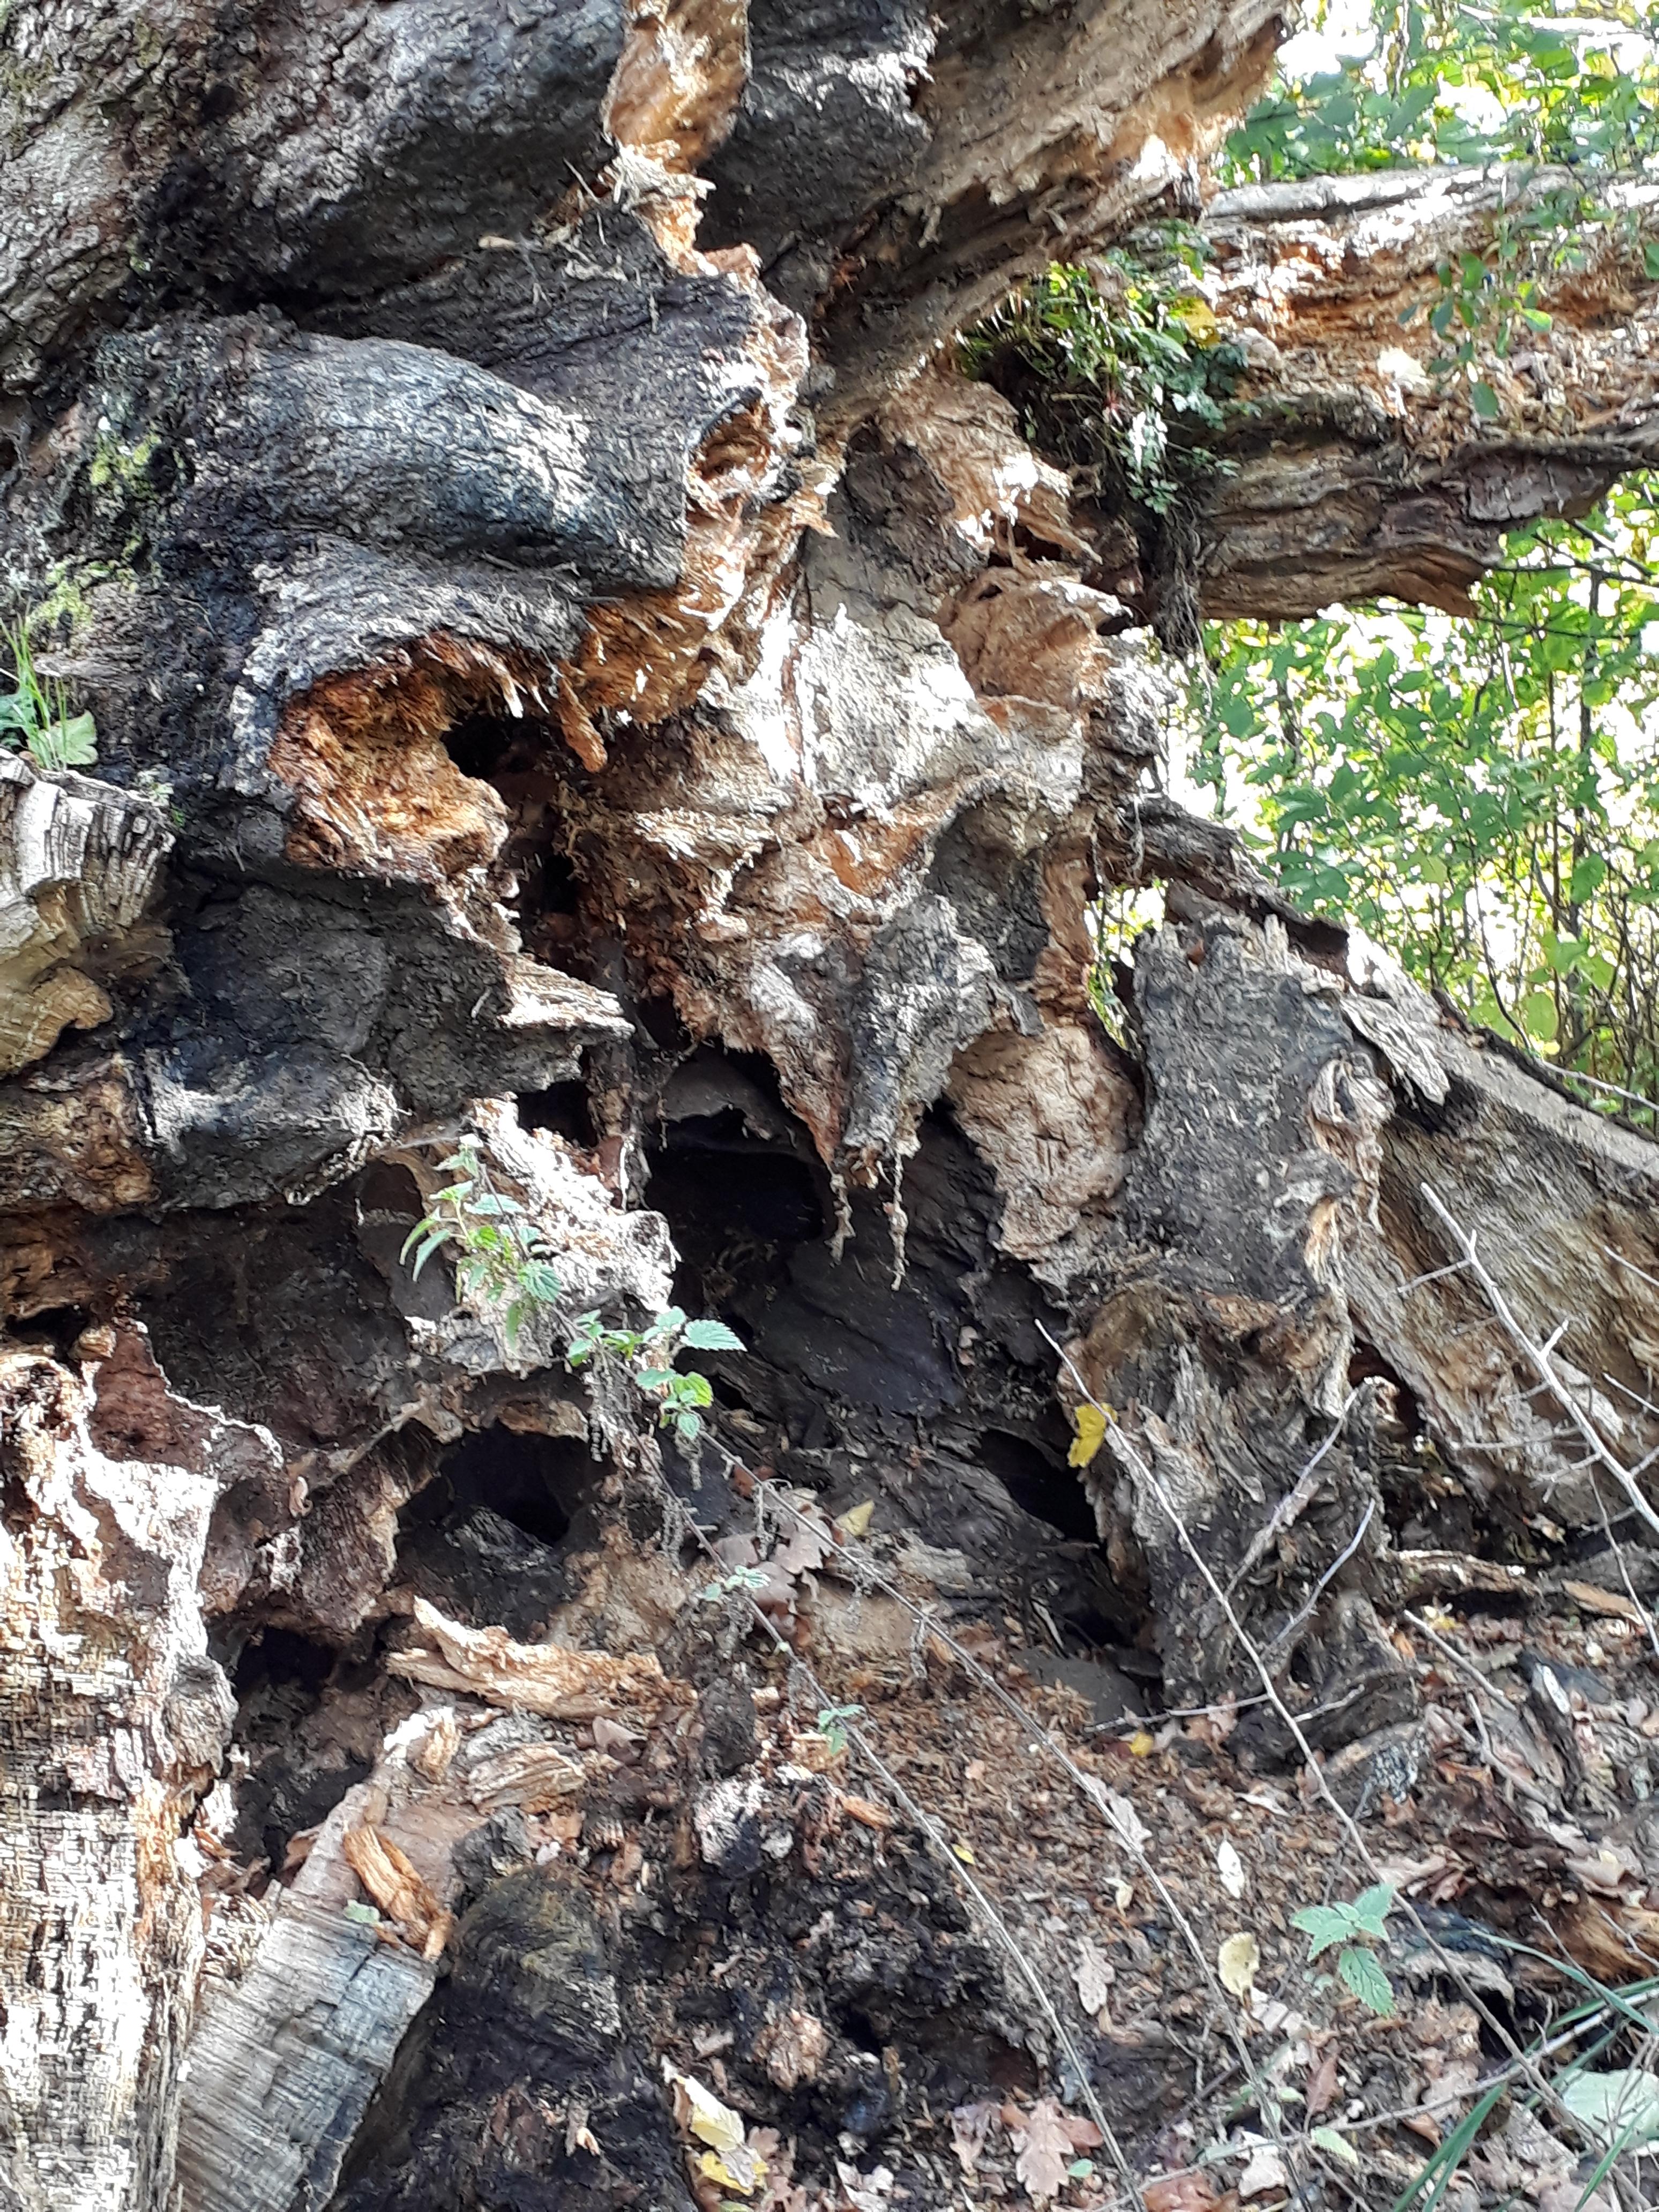 Baum Seeufer mit Hütte, Bild 1 zur Krimiscout-Besprechung von Emily Fridlunds Roman »History of Wolves«